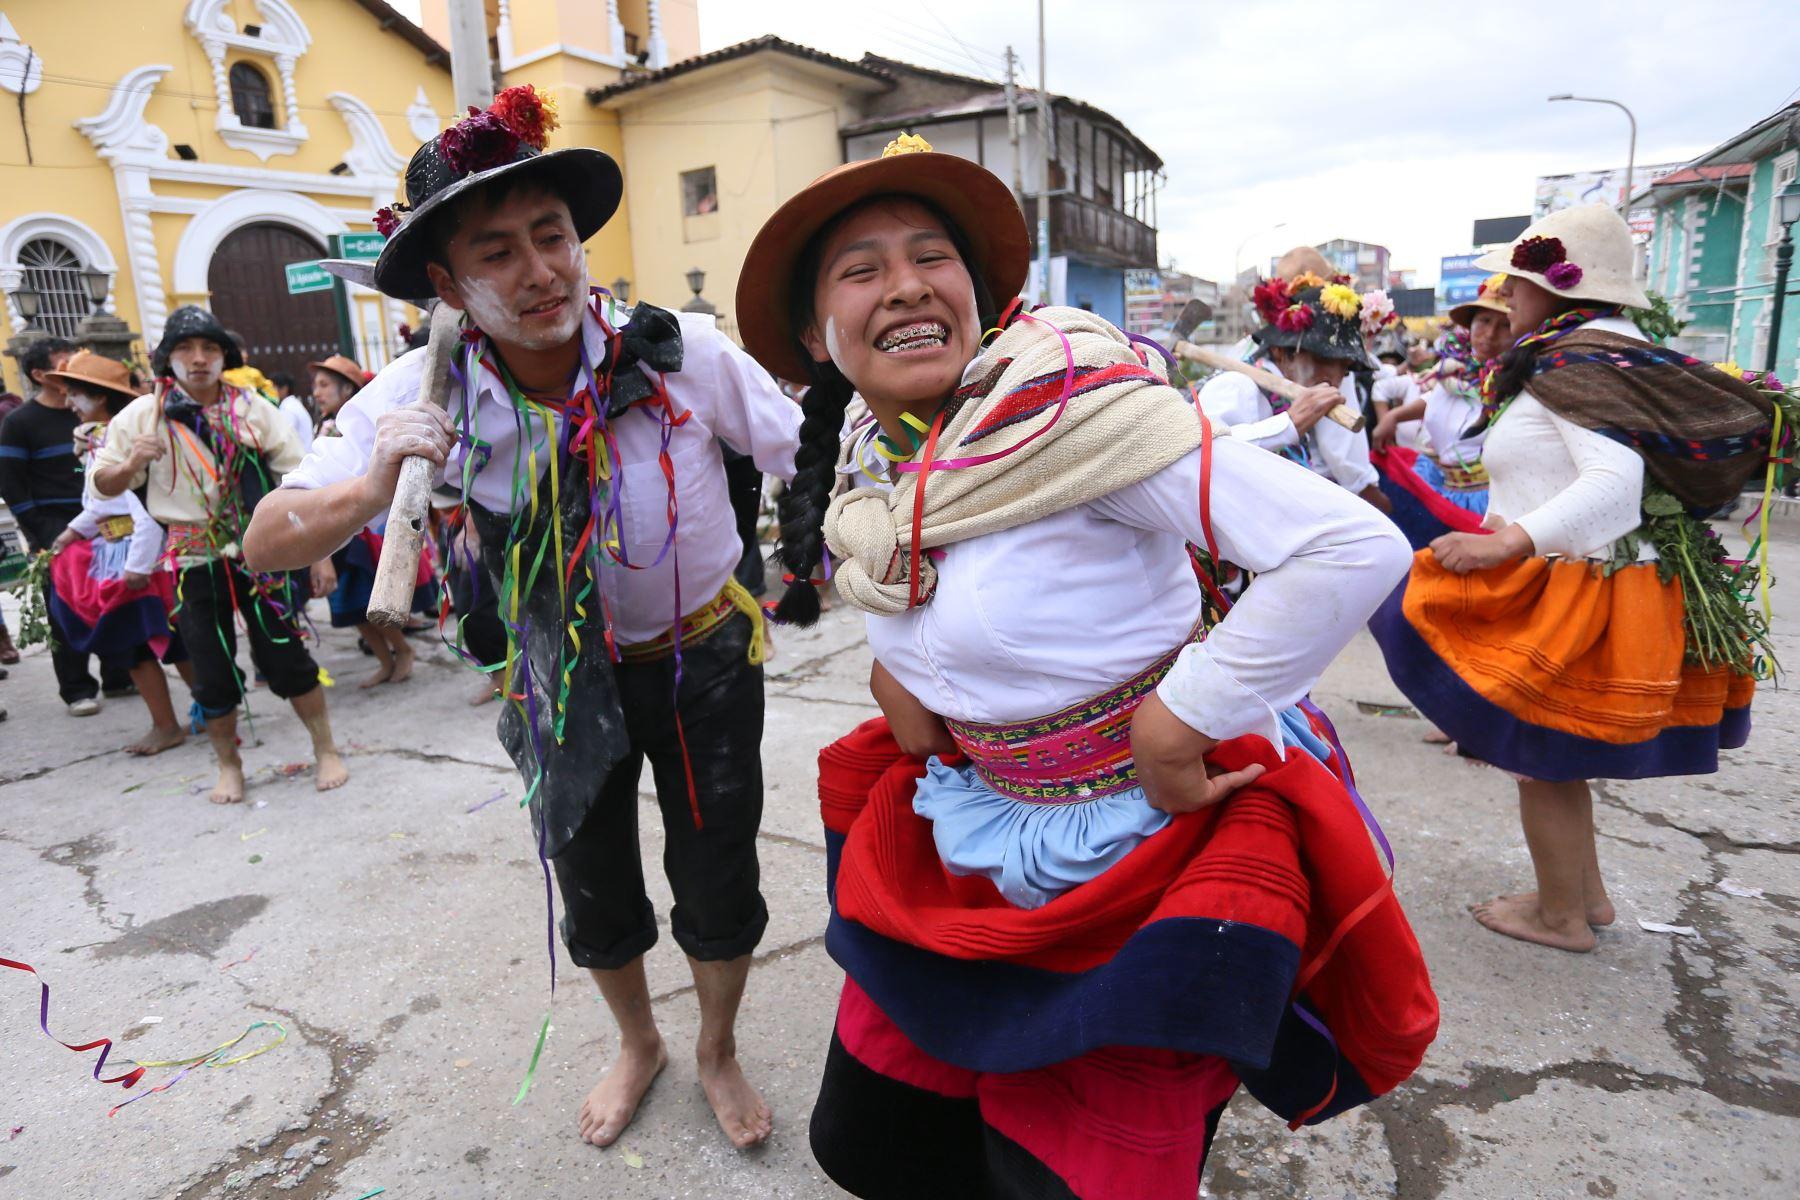 El departamento de Junín tiene en el Huaylarsh a su danza embajadora regional, cuya exultante interpretación cautiva a todo el Perú y el mundo. De claras raíces prehispánicas, pero enriquecida con el mestizaje, esta original expresión del folclor en el valle del Mantaro fue declarada Patrimonio Cultural de la Nación el 23 de febrero de 2005. ANDINA/Difusión